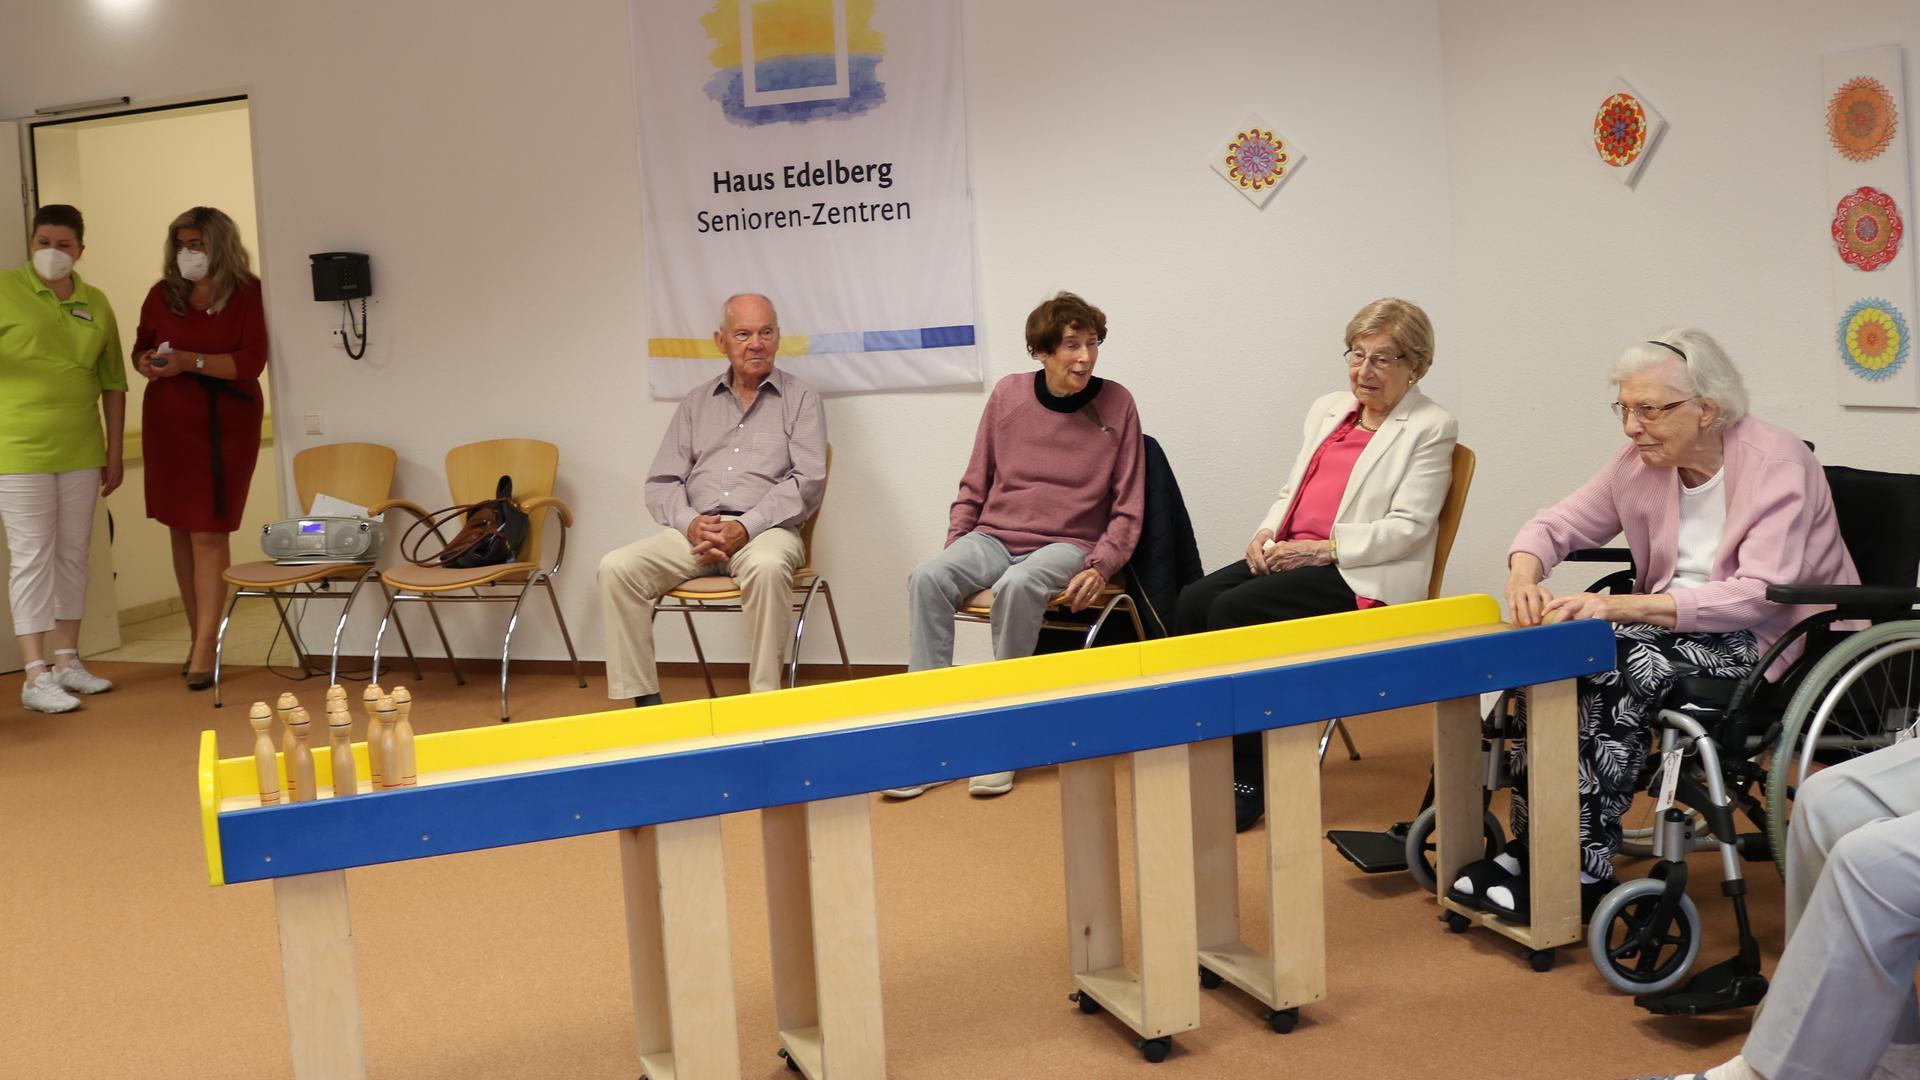 Spaß und Abwechslung: Tischkegeln ist ein Element des vielseitigen Beschäftigungsprogramms, das die Seniorenheime ihren Bewohnerinnen und Bewohnern anbieten